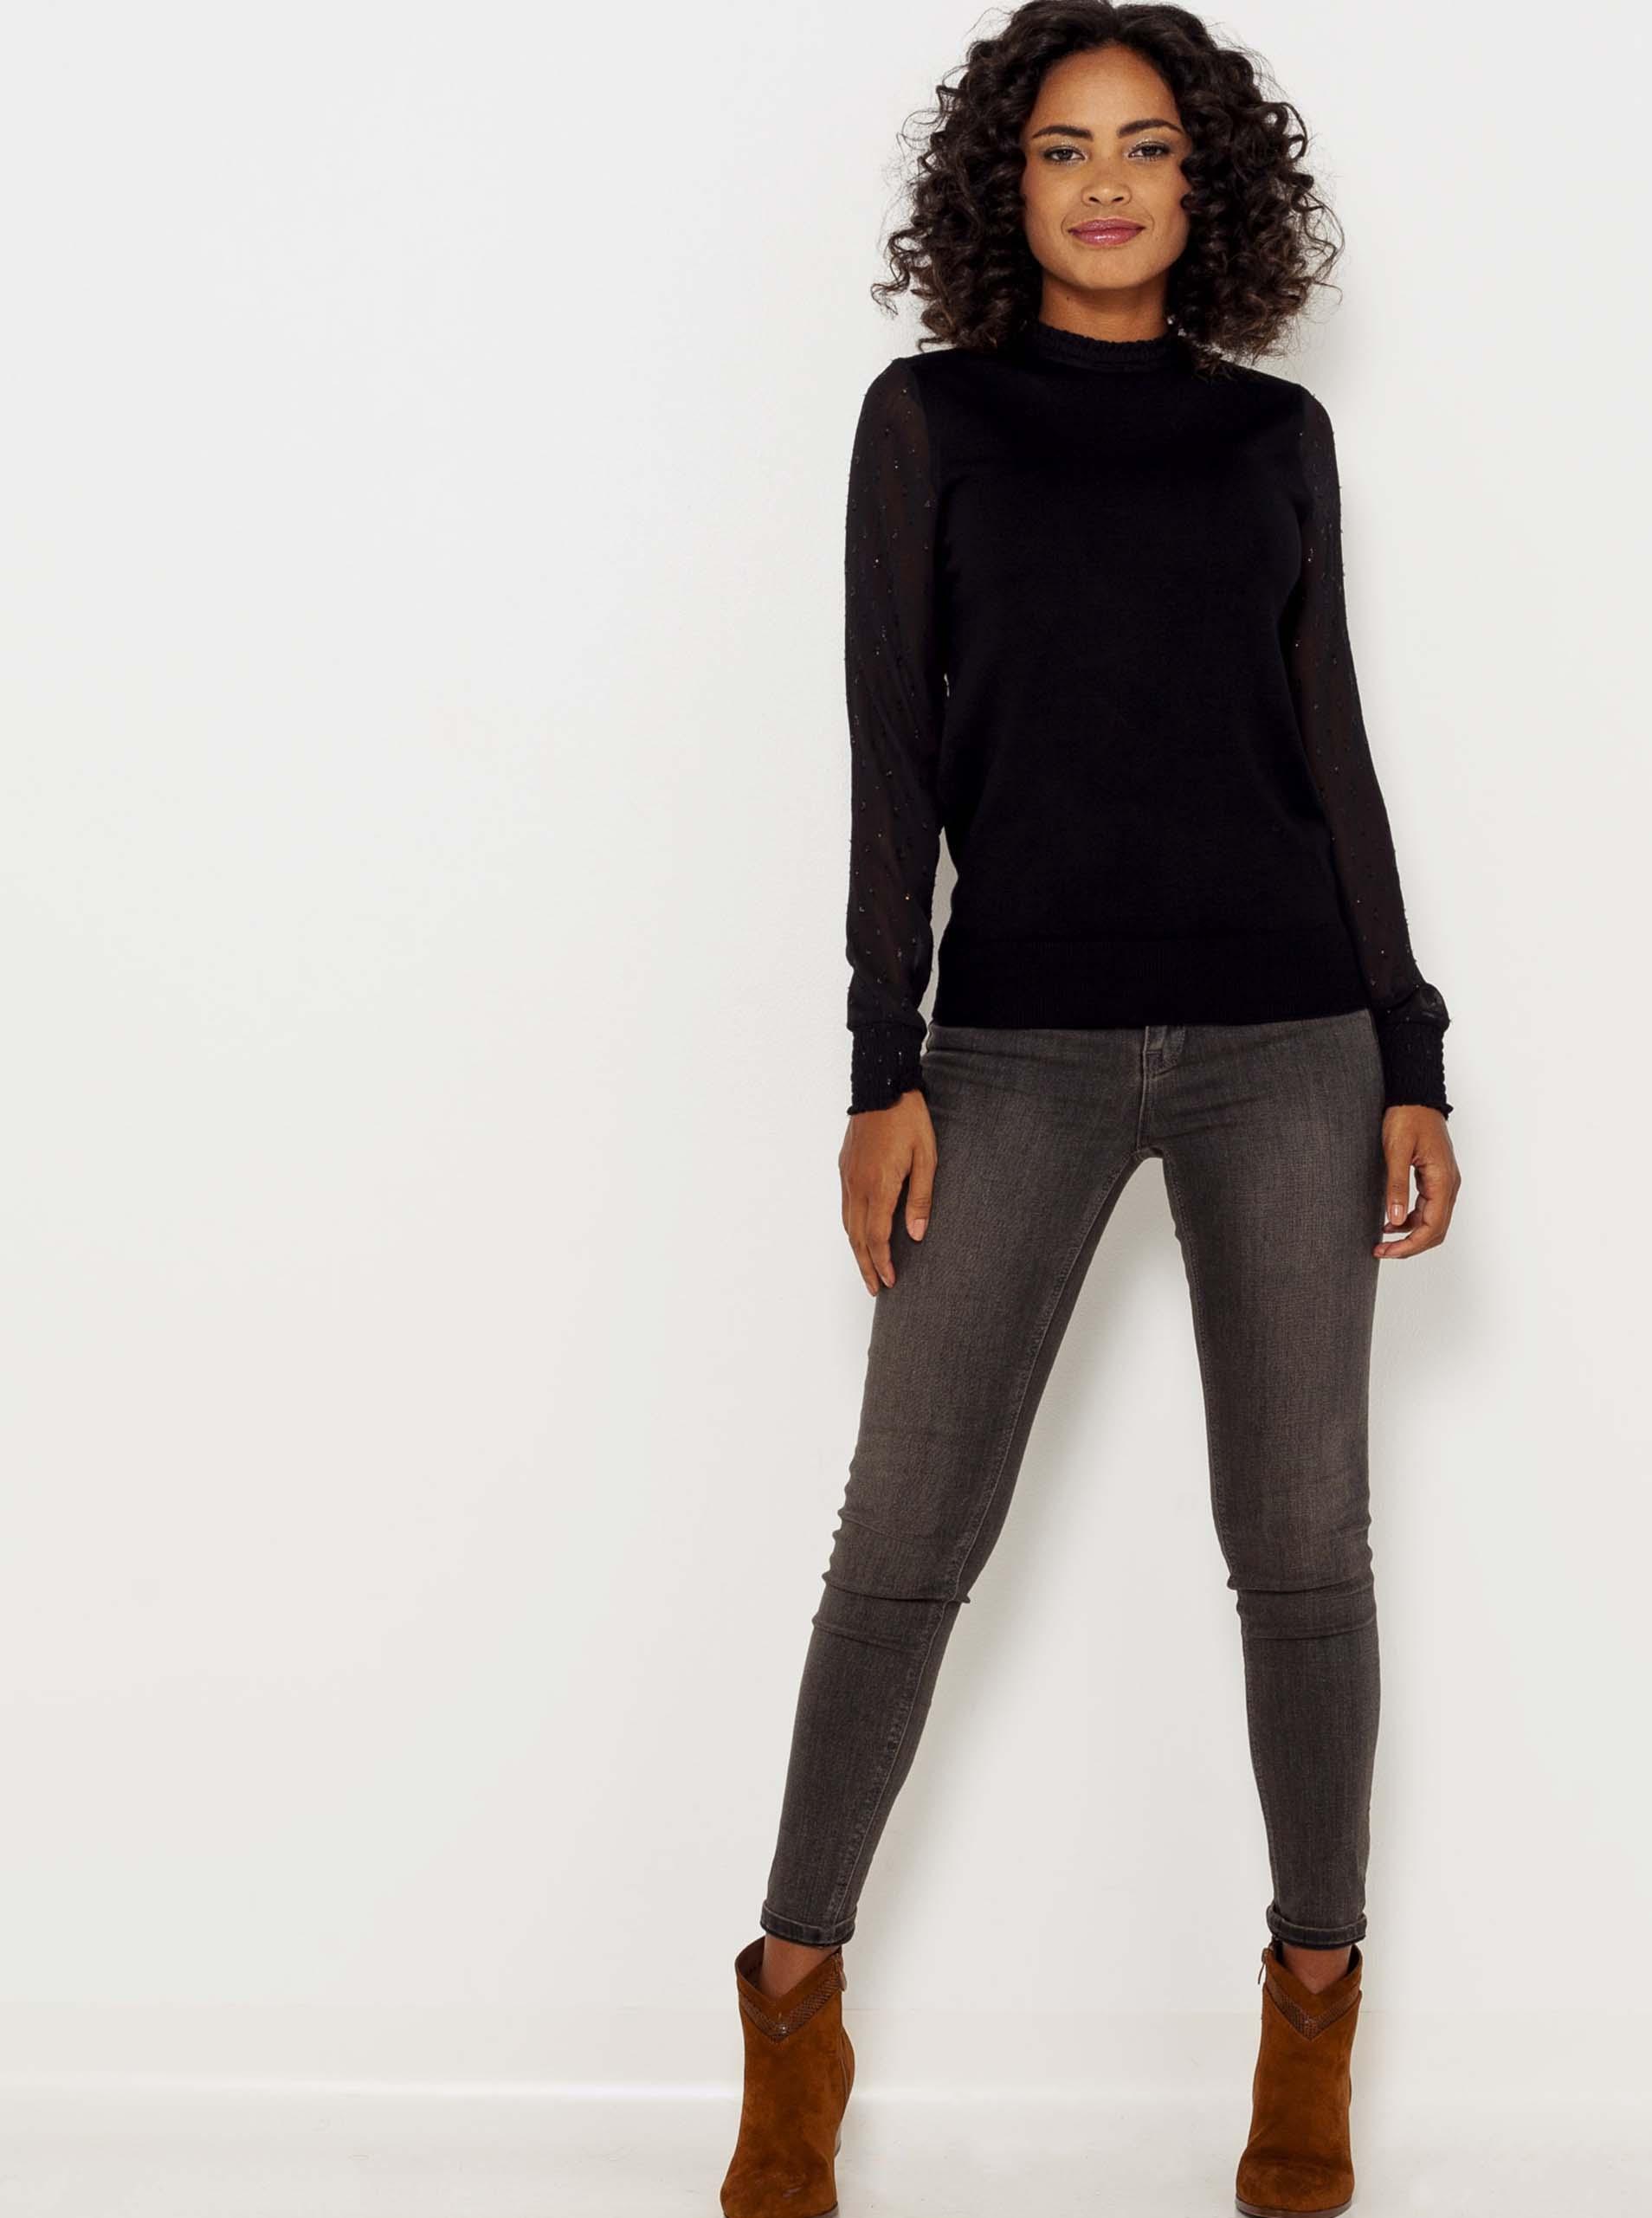 CAMAIEU black blouse